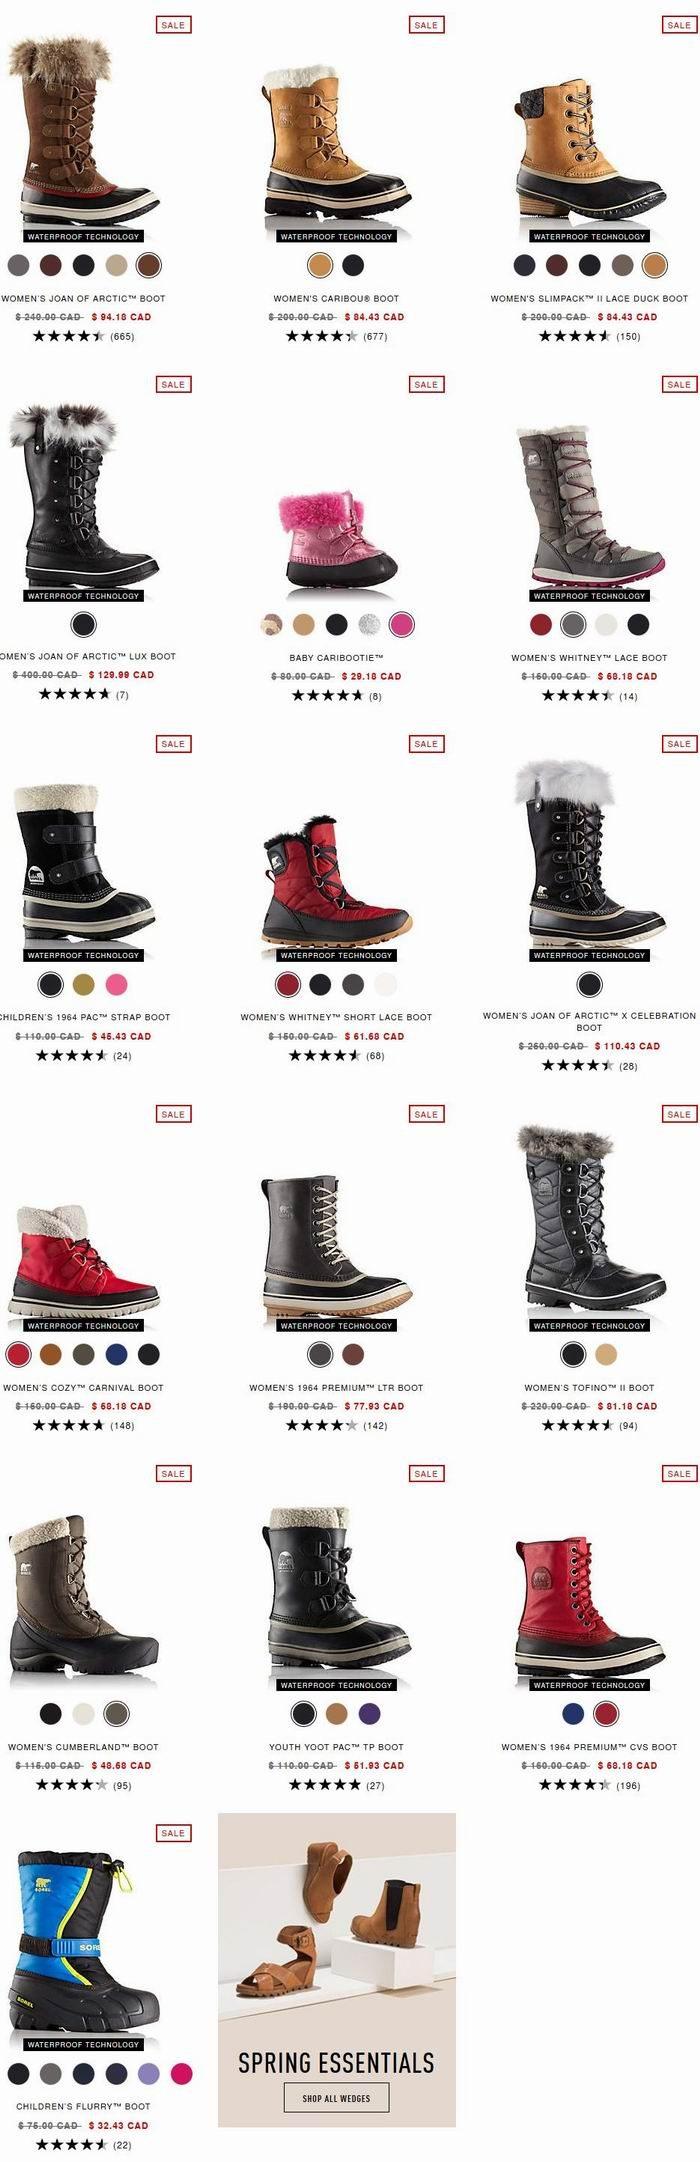 Sorel 加拿大冰熊 春季大促!精选成人儿童雪地靴、保暖鞋3.2-4折清仓!女靴低至48.68加元!儿童款32.43加元!